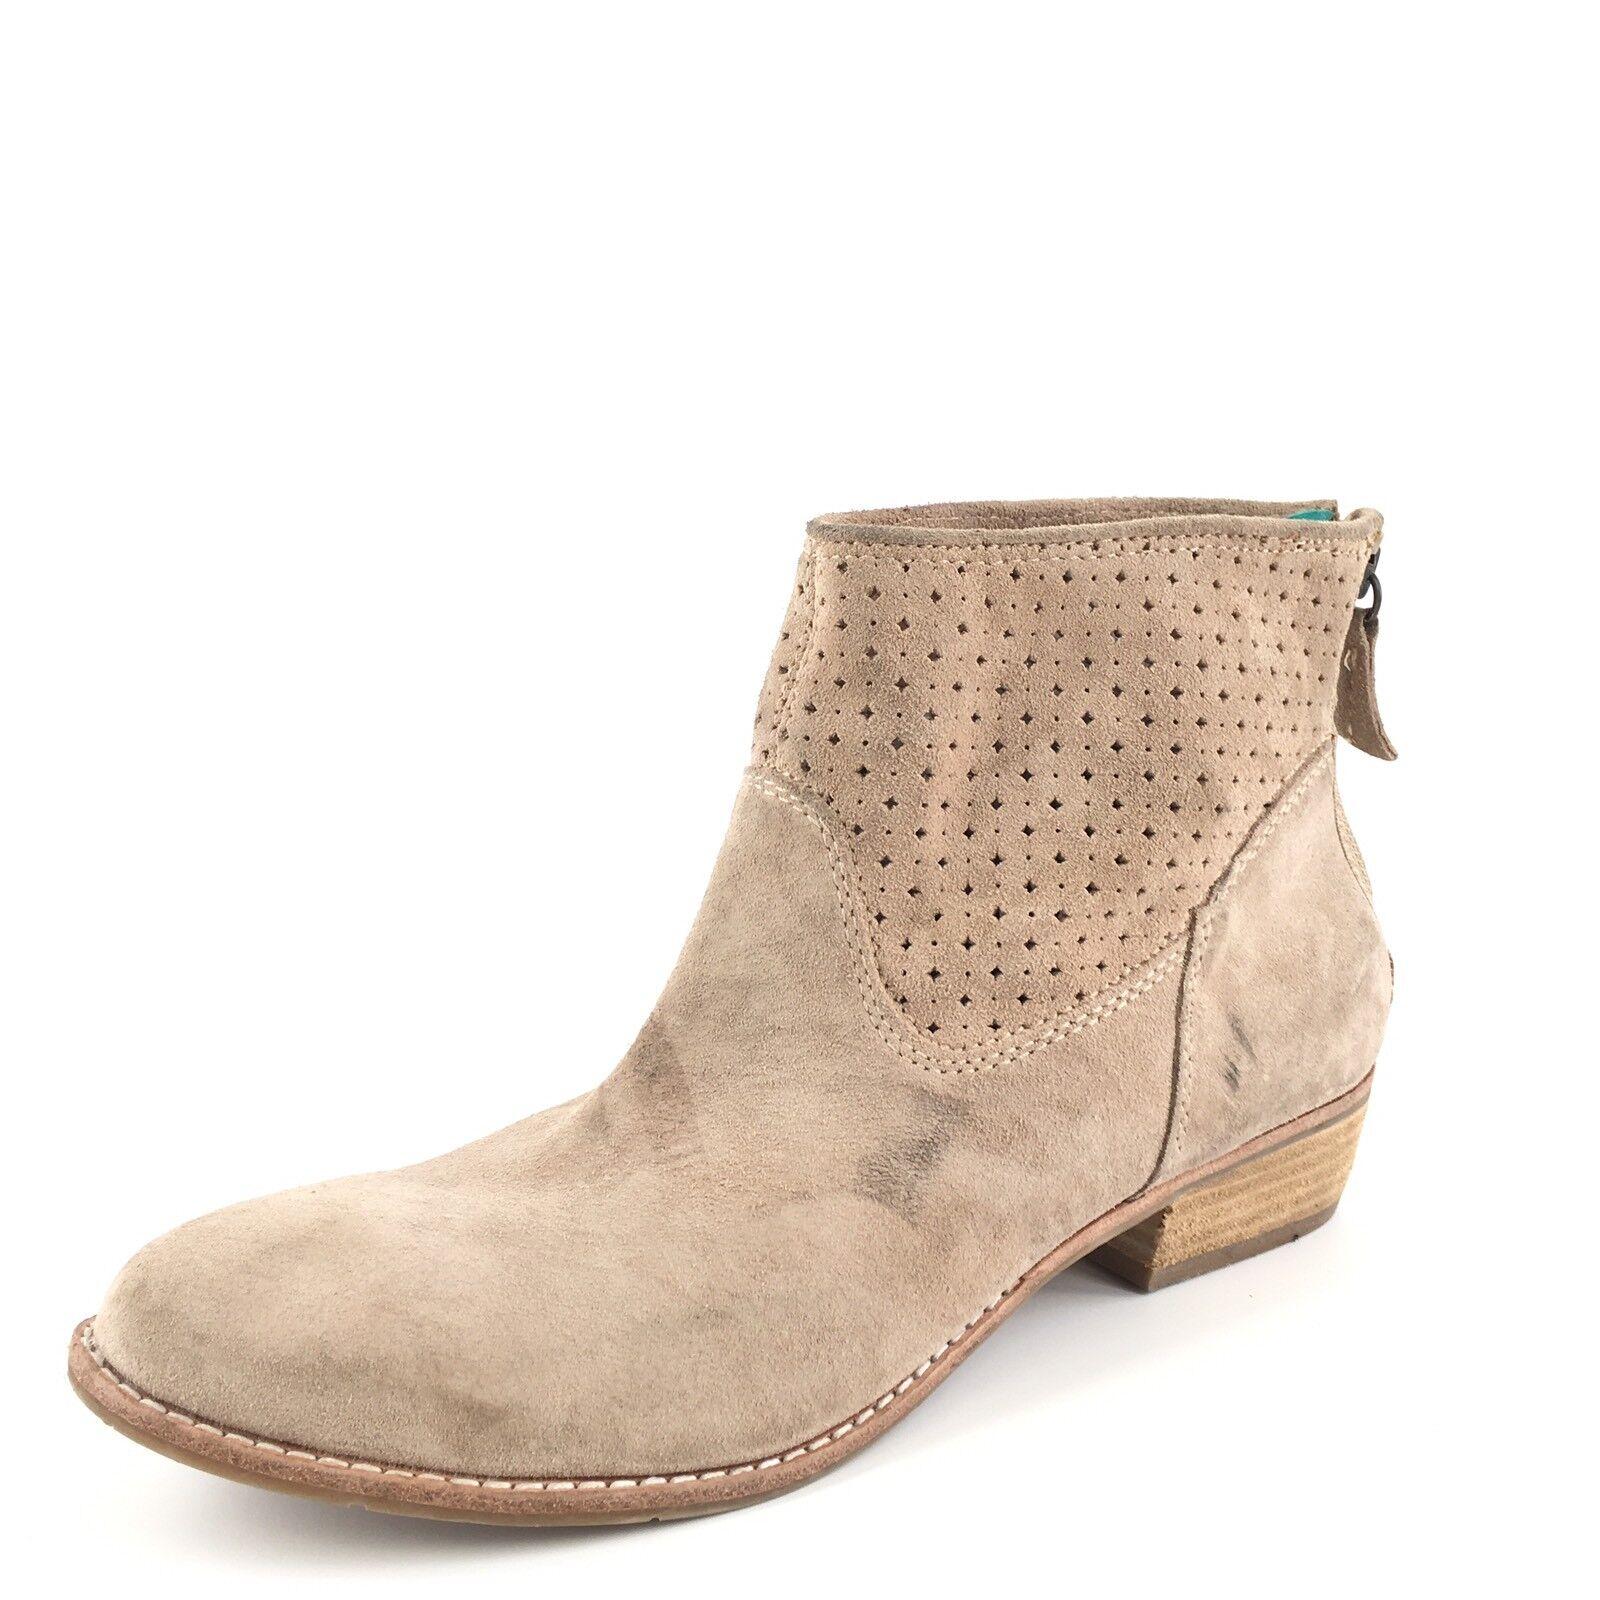 Dolce Vita mirra la terciopelo gris Boots Ankle Boots gris SZ 8,5 2880 785bfc